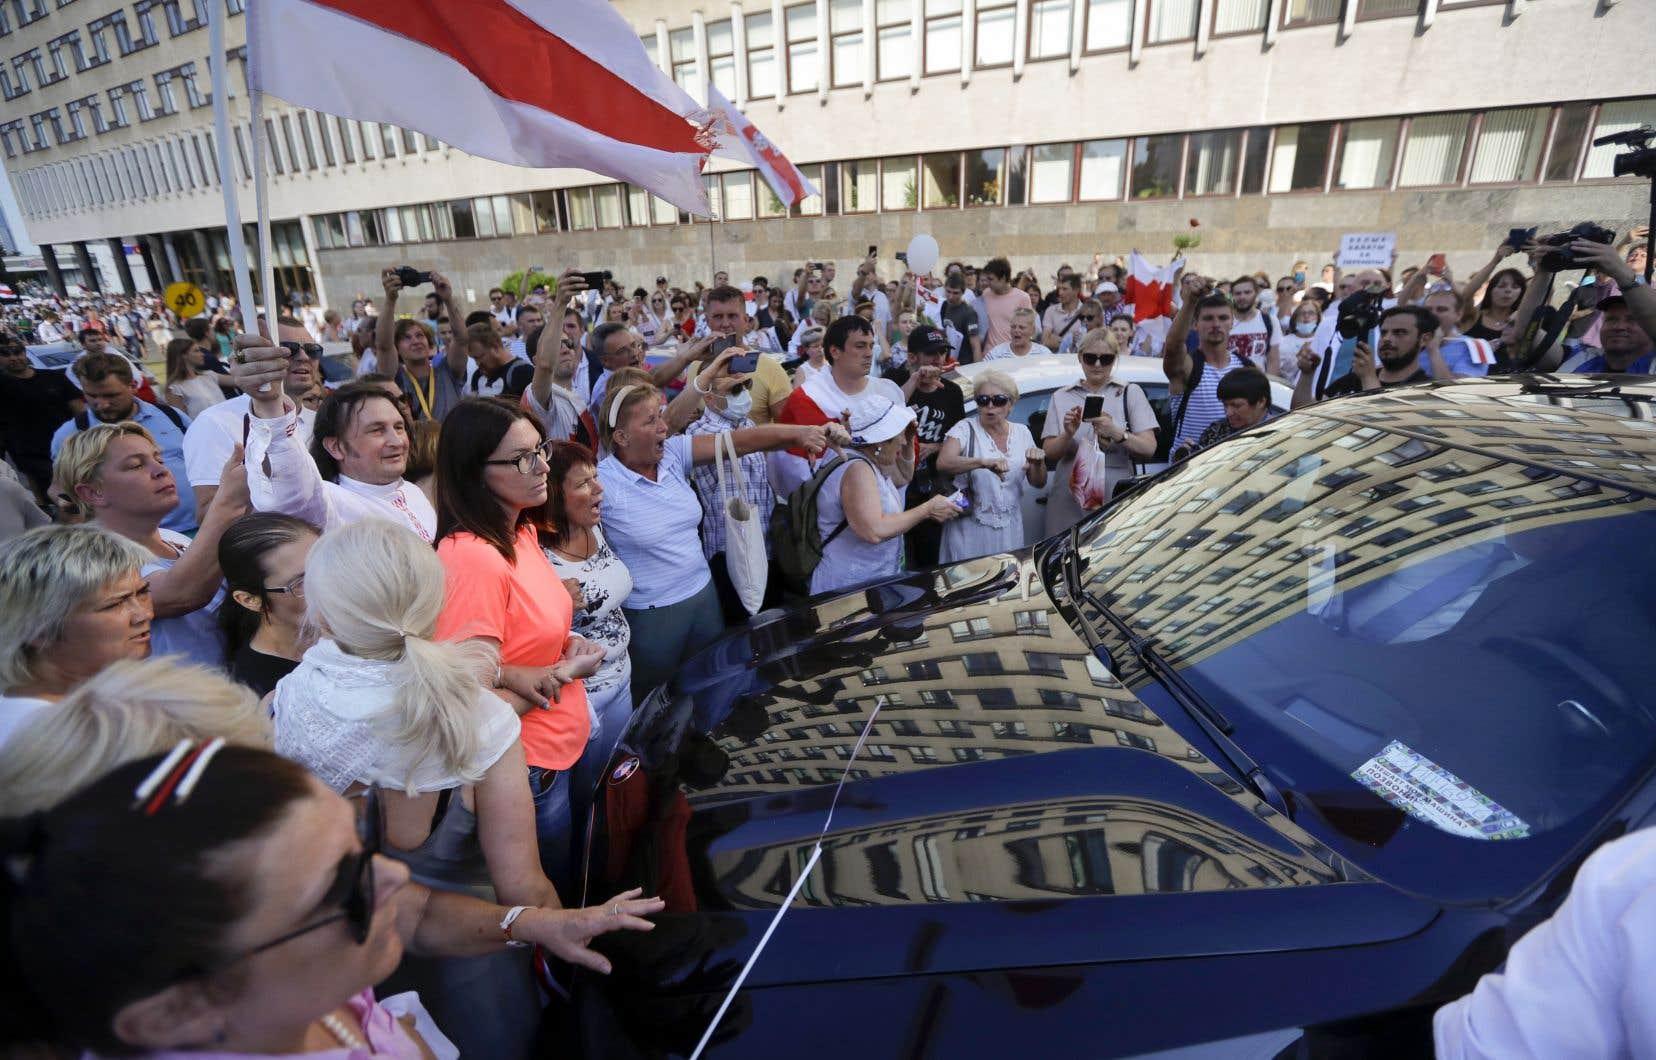 Alors que, depuis quelques jours, les défilés sont toujours joyeux et pacifiques, les Biélorusses semblent perdre patience devant les officiels du régime. Sur la photo, des manifestants ont bloqué, lundi à Minsk, une voiture conduisant le ministre de la santé, Uladzimir Karanik.